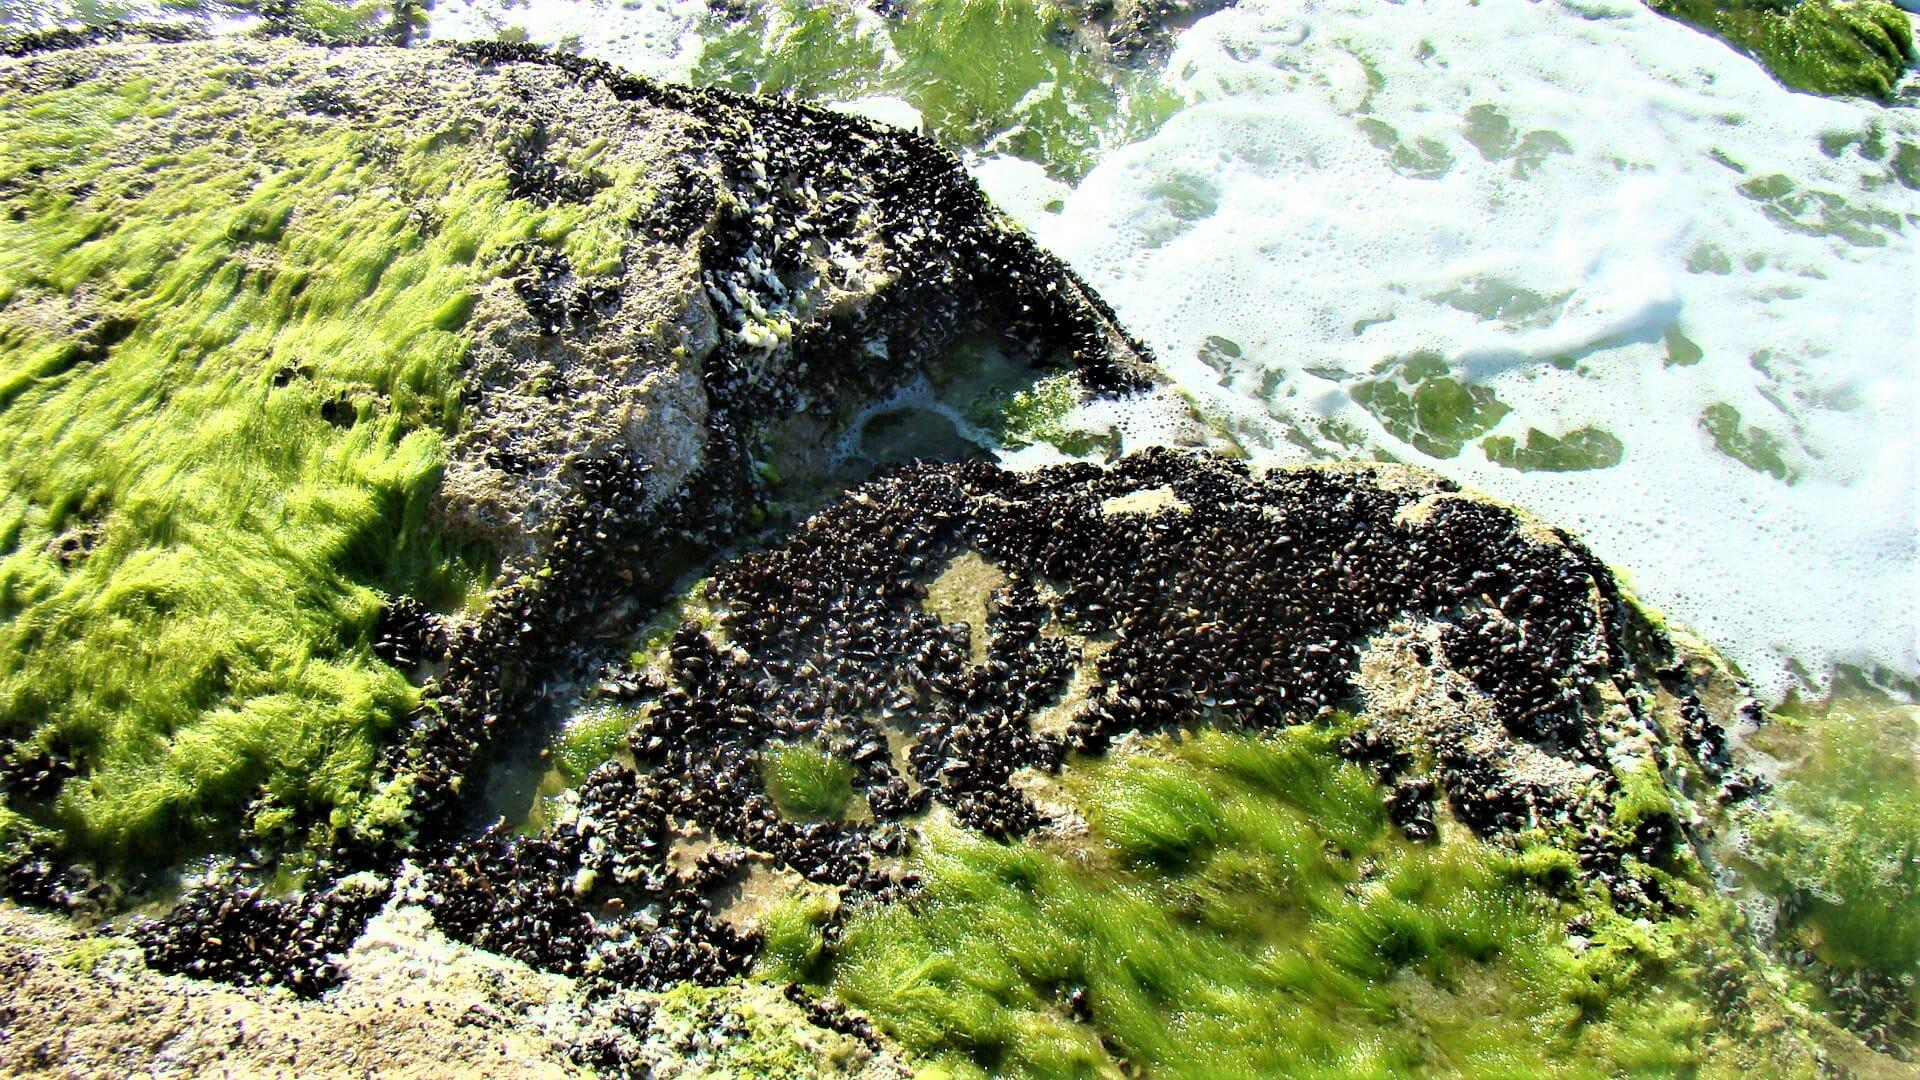 """צדפה בוצית קטנה ואצה ירוקייה - פרשדונית, חוף תל-ברוך אזור הכרית, צילום: ד""""ר ענת אביטל"""